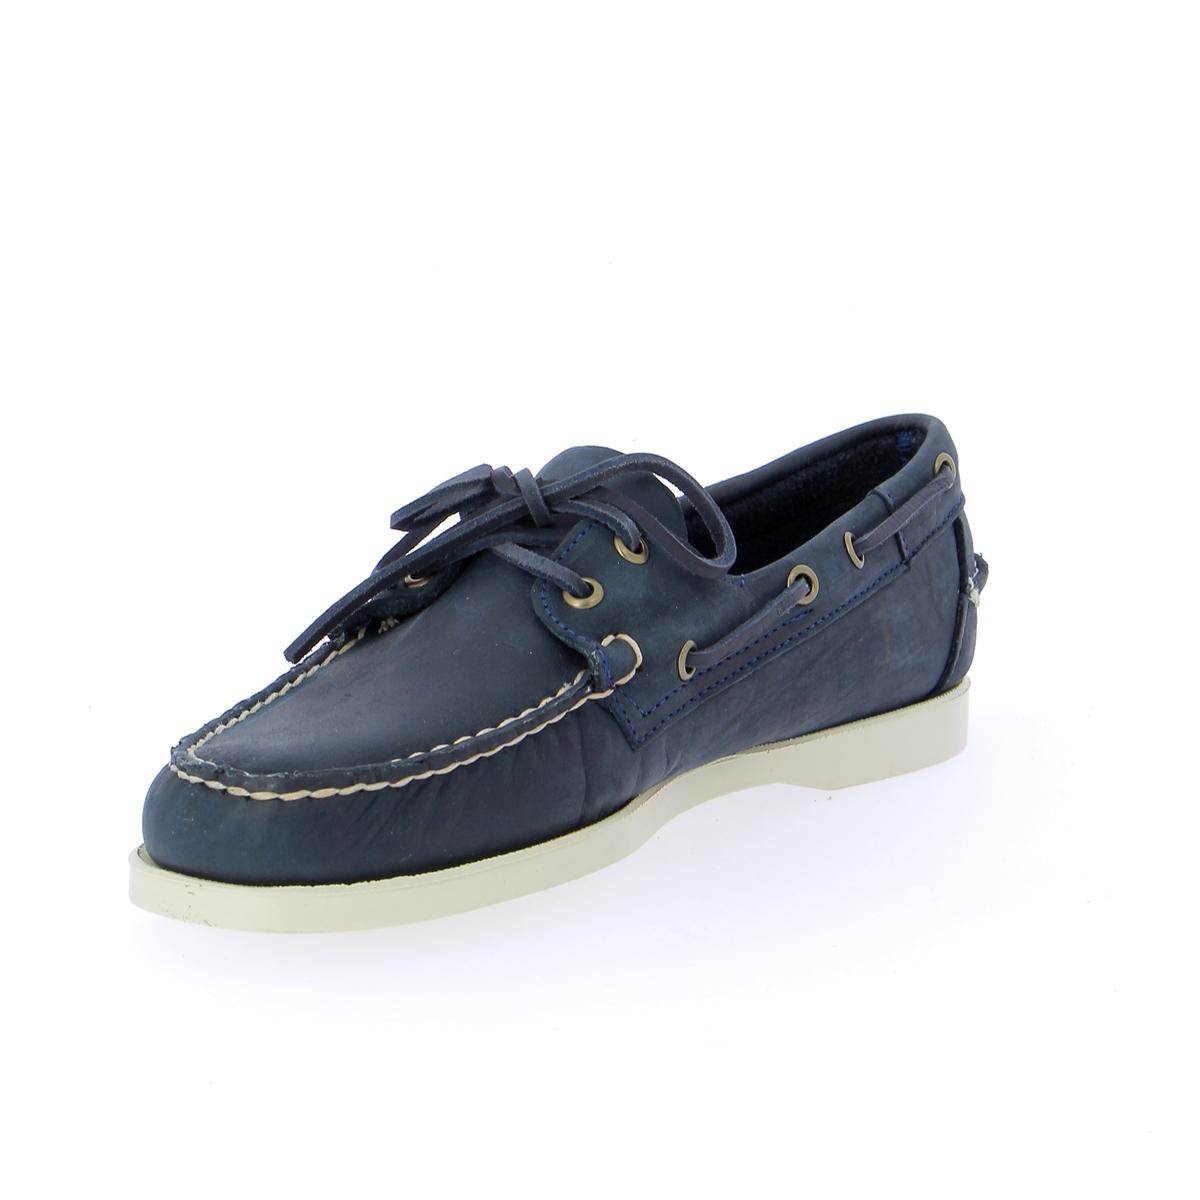 Sebago Bootschoenen blauw